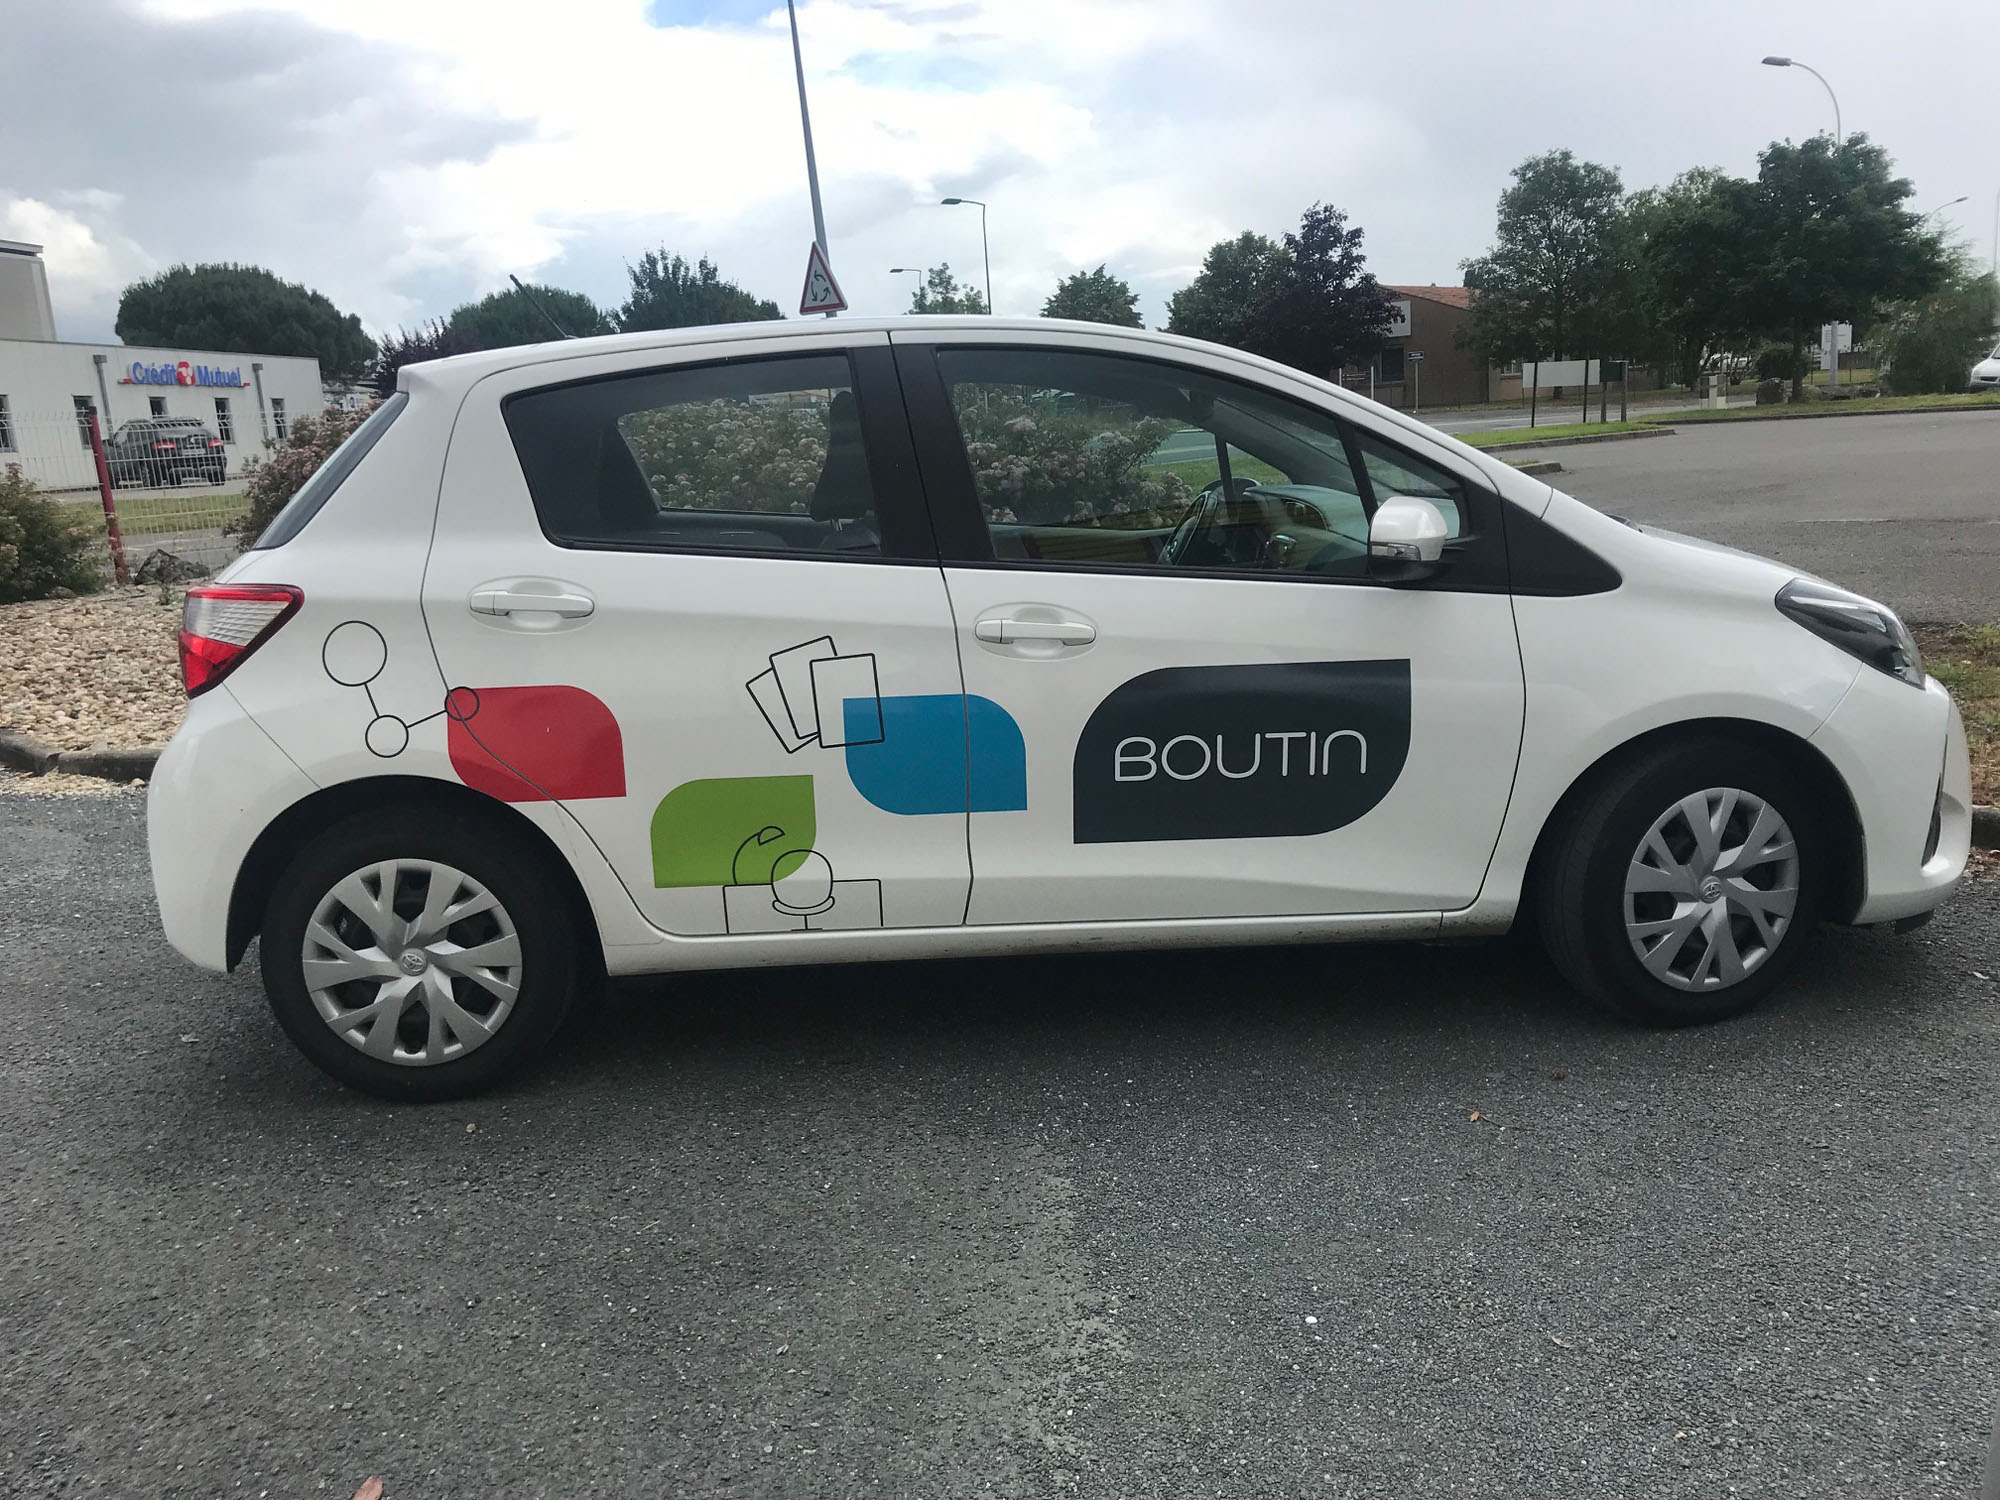 Marquage vehicule BOUTIN 2 - Guyonnet Publicite Fontenay le Comte